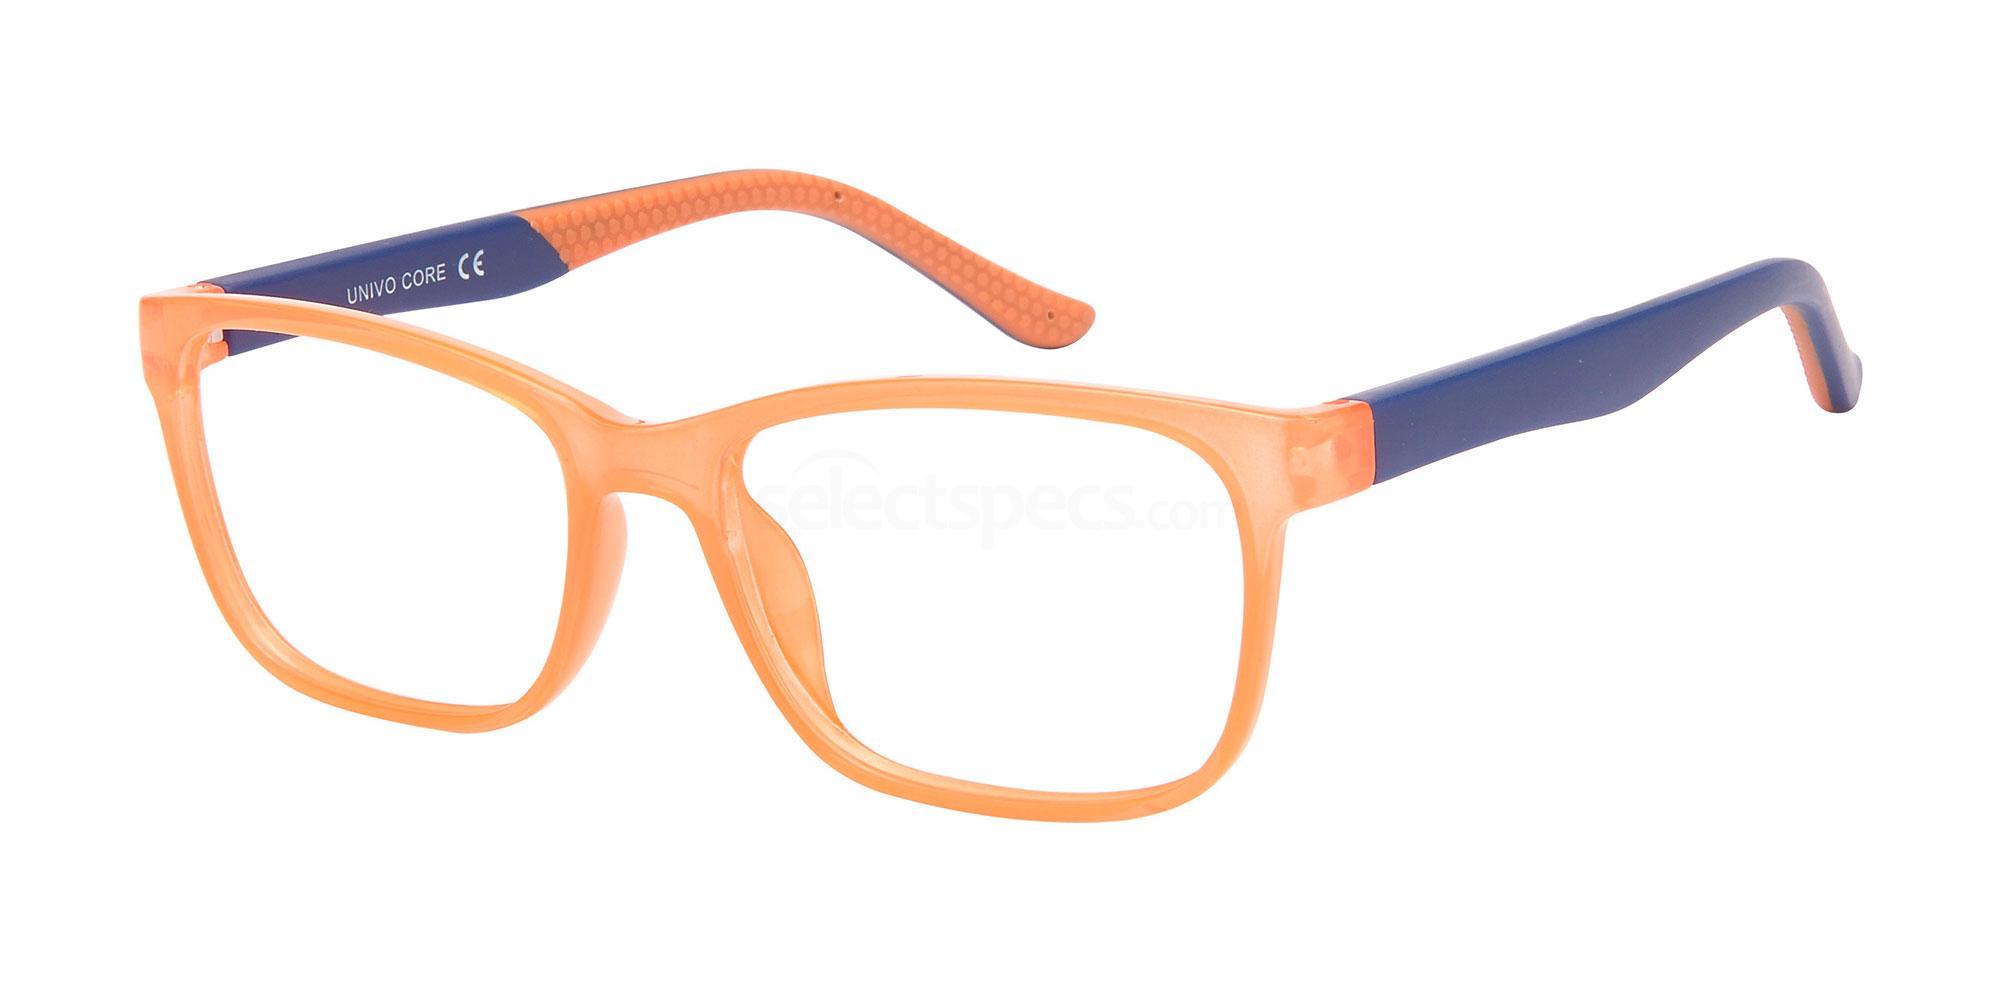 C1 UC737 Glasses, Univo Core